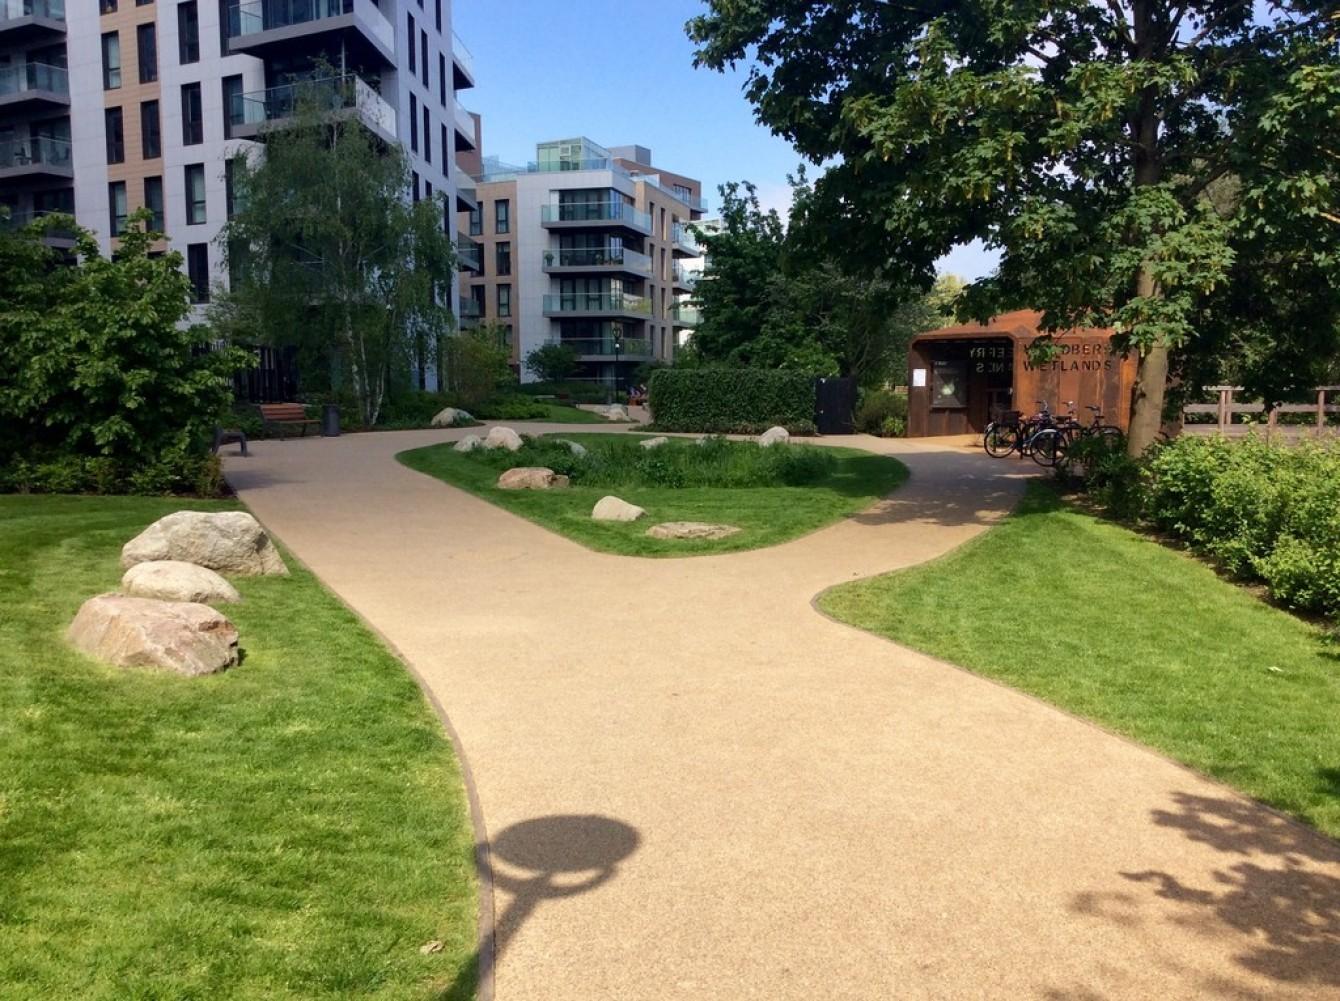 Images for Woodberry Grove, London EAID:c8d5f0ae42d594d169bca90f3b8b041a BID:1